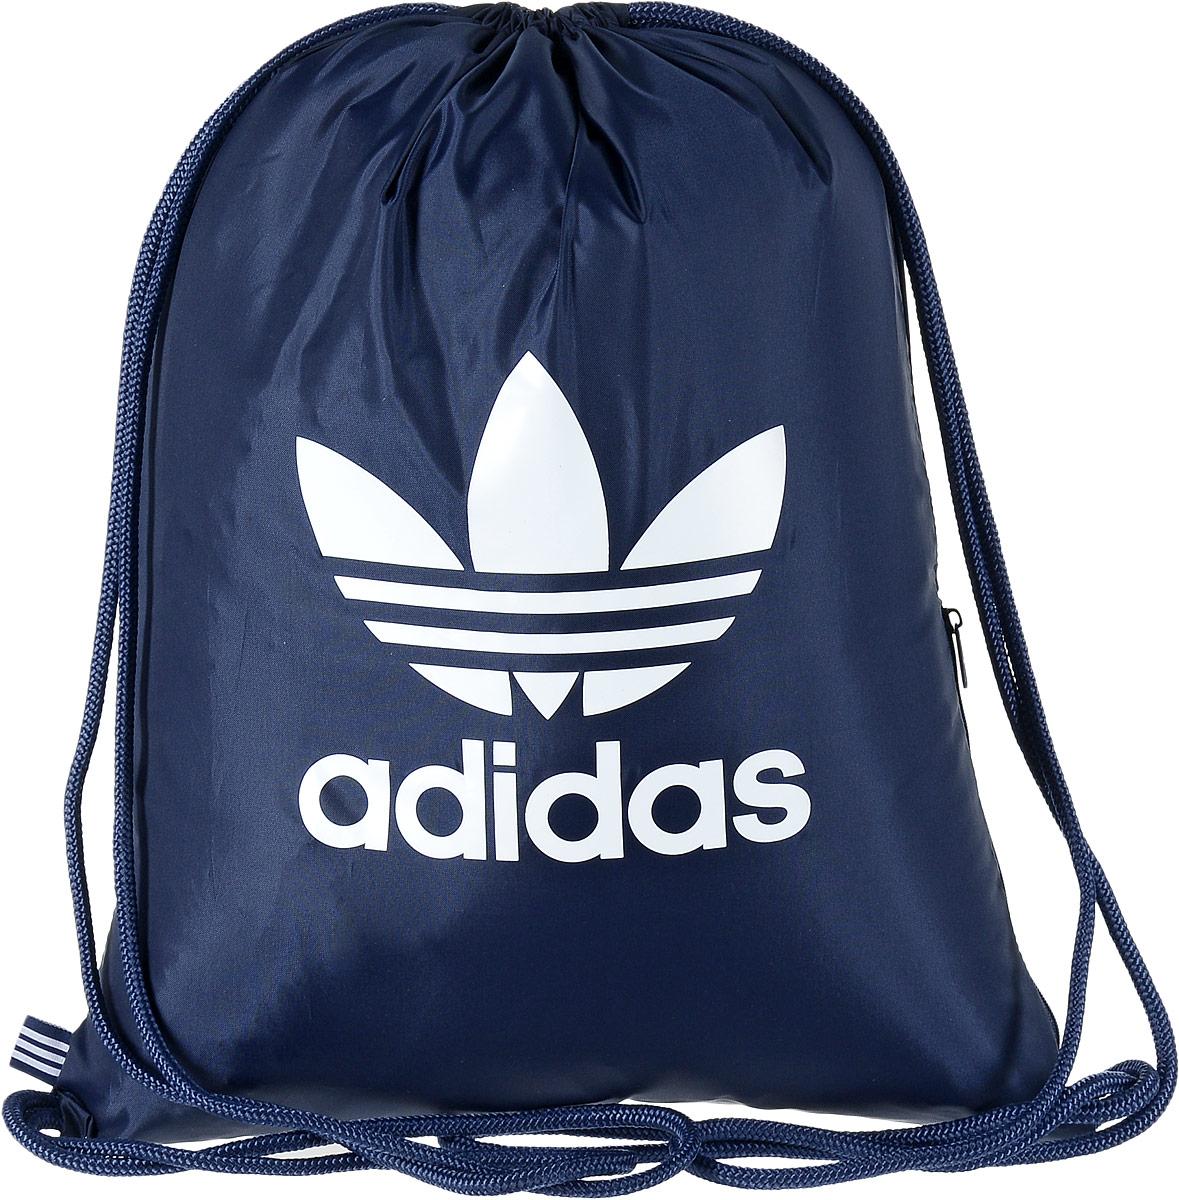 Рюкзак спортивный Adidas Trefoil, цвет: темно-синий, 23 л. BK6727H009Стильный спортивный рюкзак Adidas Trefoil выполнен из полиэстера и оформлен символикой бренда. Изделие имеет одно основное отделение, которое закрывается с помощью затягивающего шнурка. С внутренней стороны изделие оснащено удобной ручкой для переноски. Снаружи, с одной из боковых сторон находится прорезной карман на застежке-молнии. Веревочные завязки можно использовать как наплечные лямки. Стильный и функциональный рюкзак поместит все необходимое.